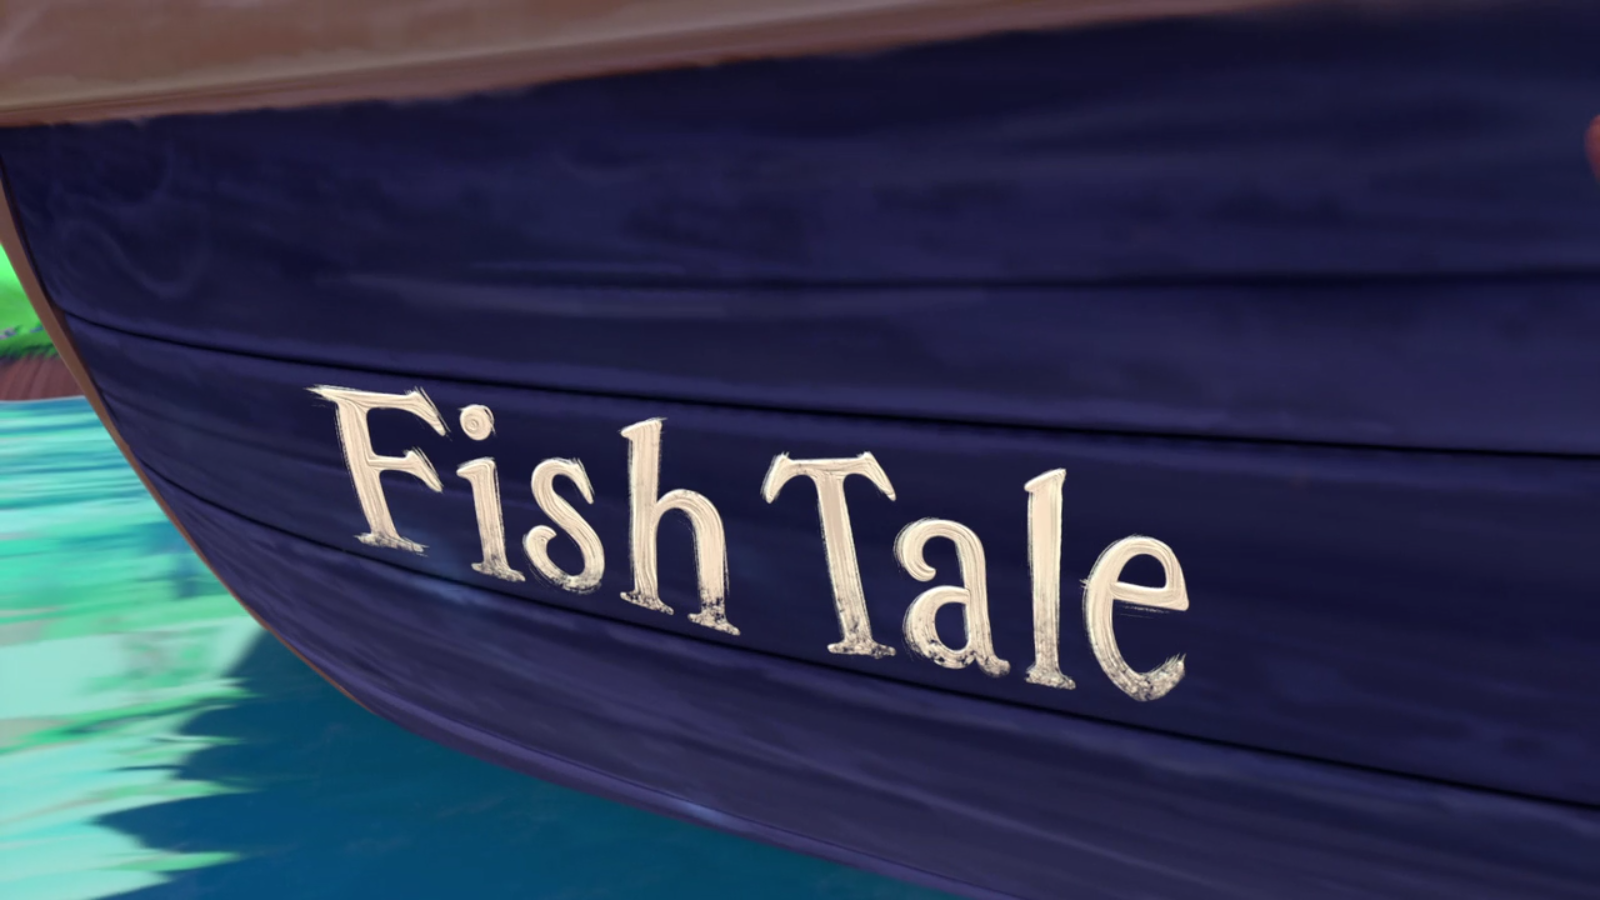 Fish Tale